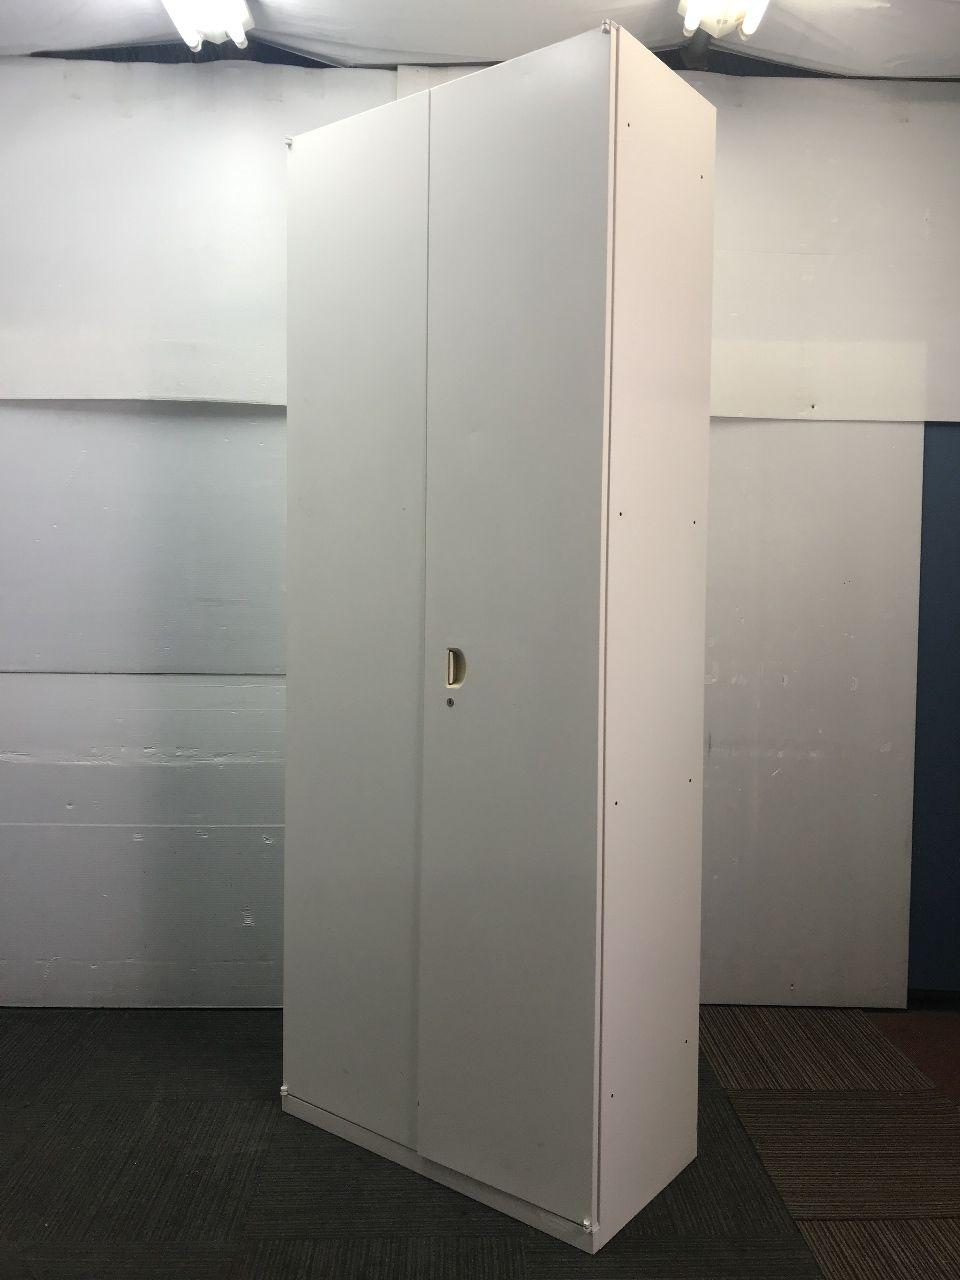 【スリムタイプ】オカムラ製中古ハイキャビネット 単体書庫 ホワイト色